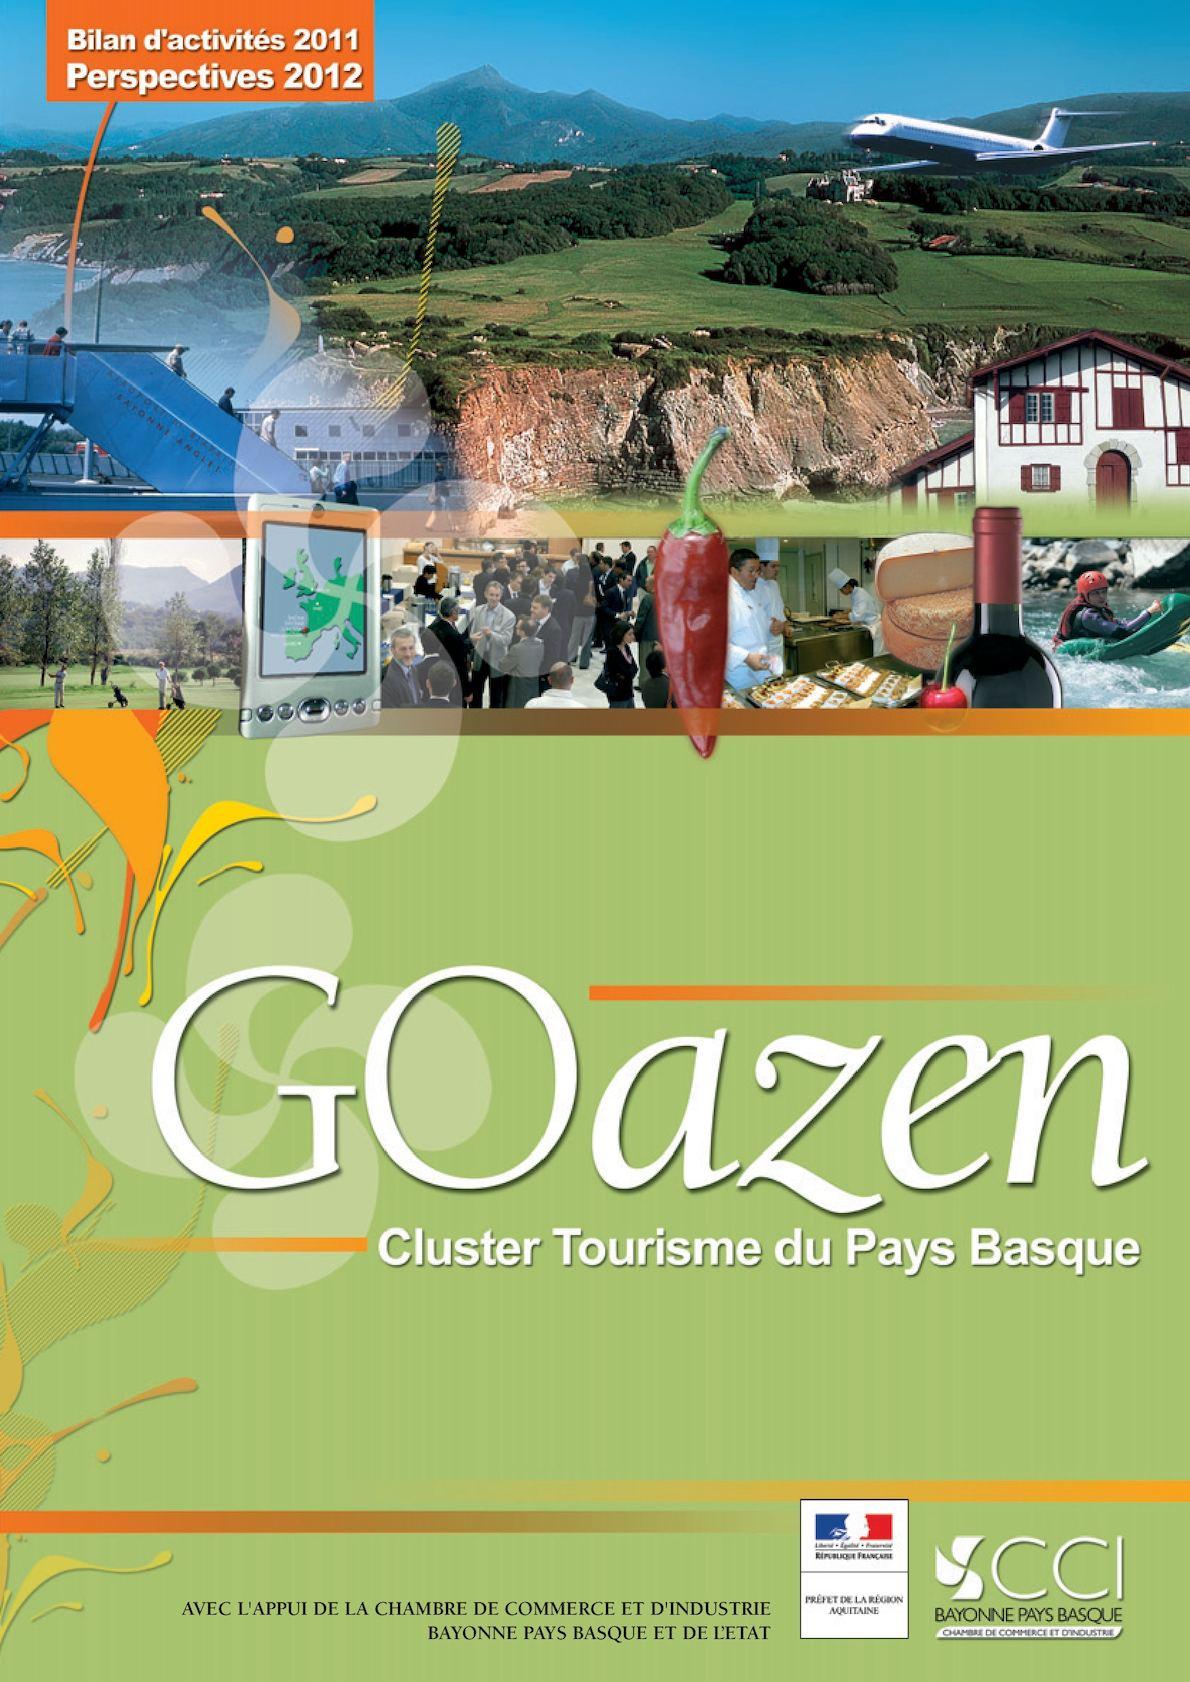 Cluster tourisme pays  basque